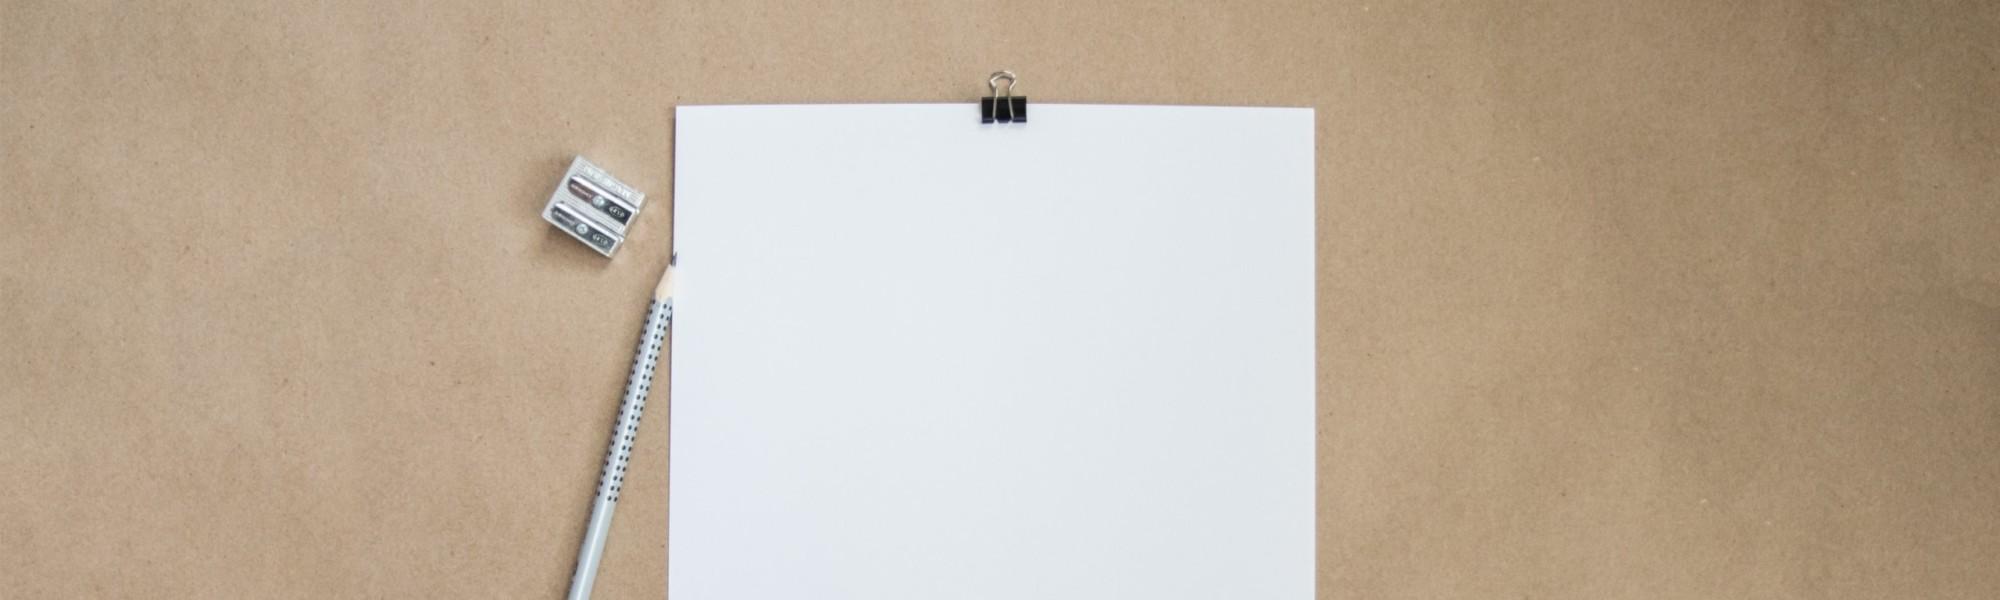 Kuvassa on tyhjä paperiarkki, kynä ja terotin.